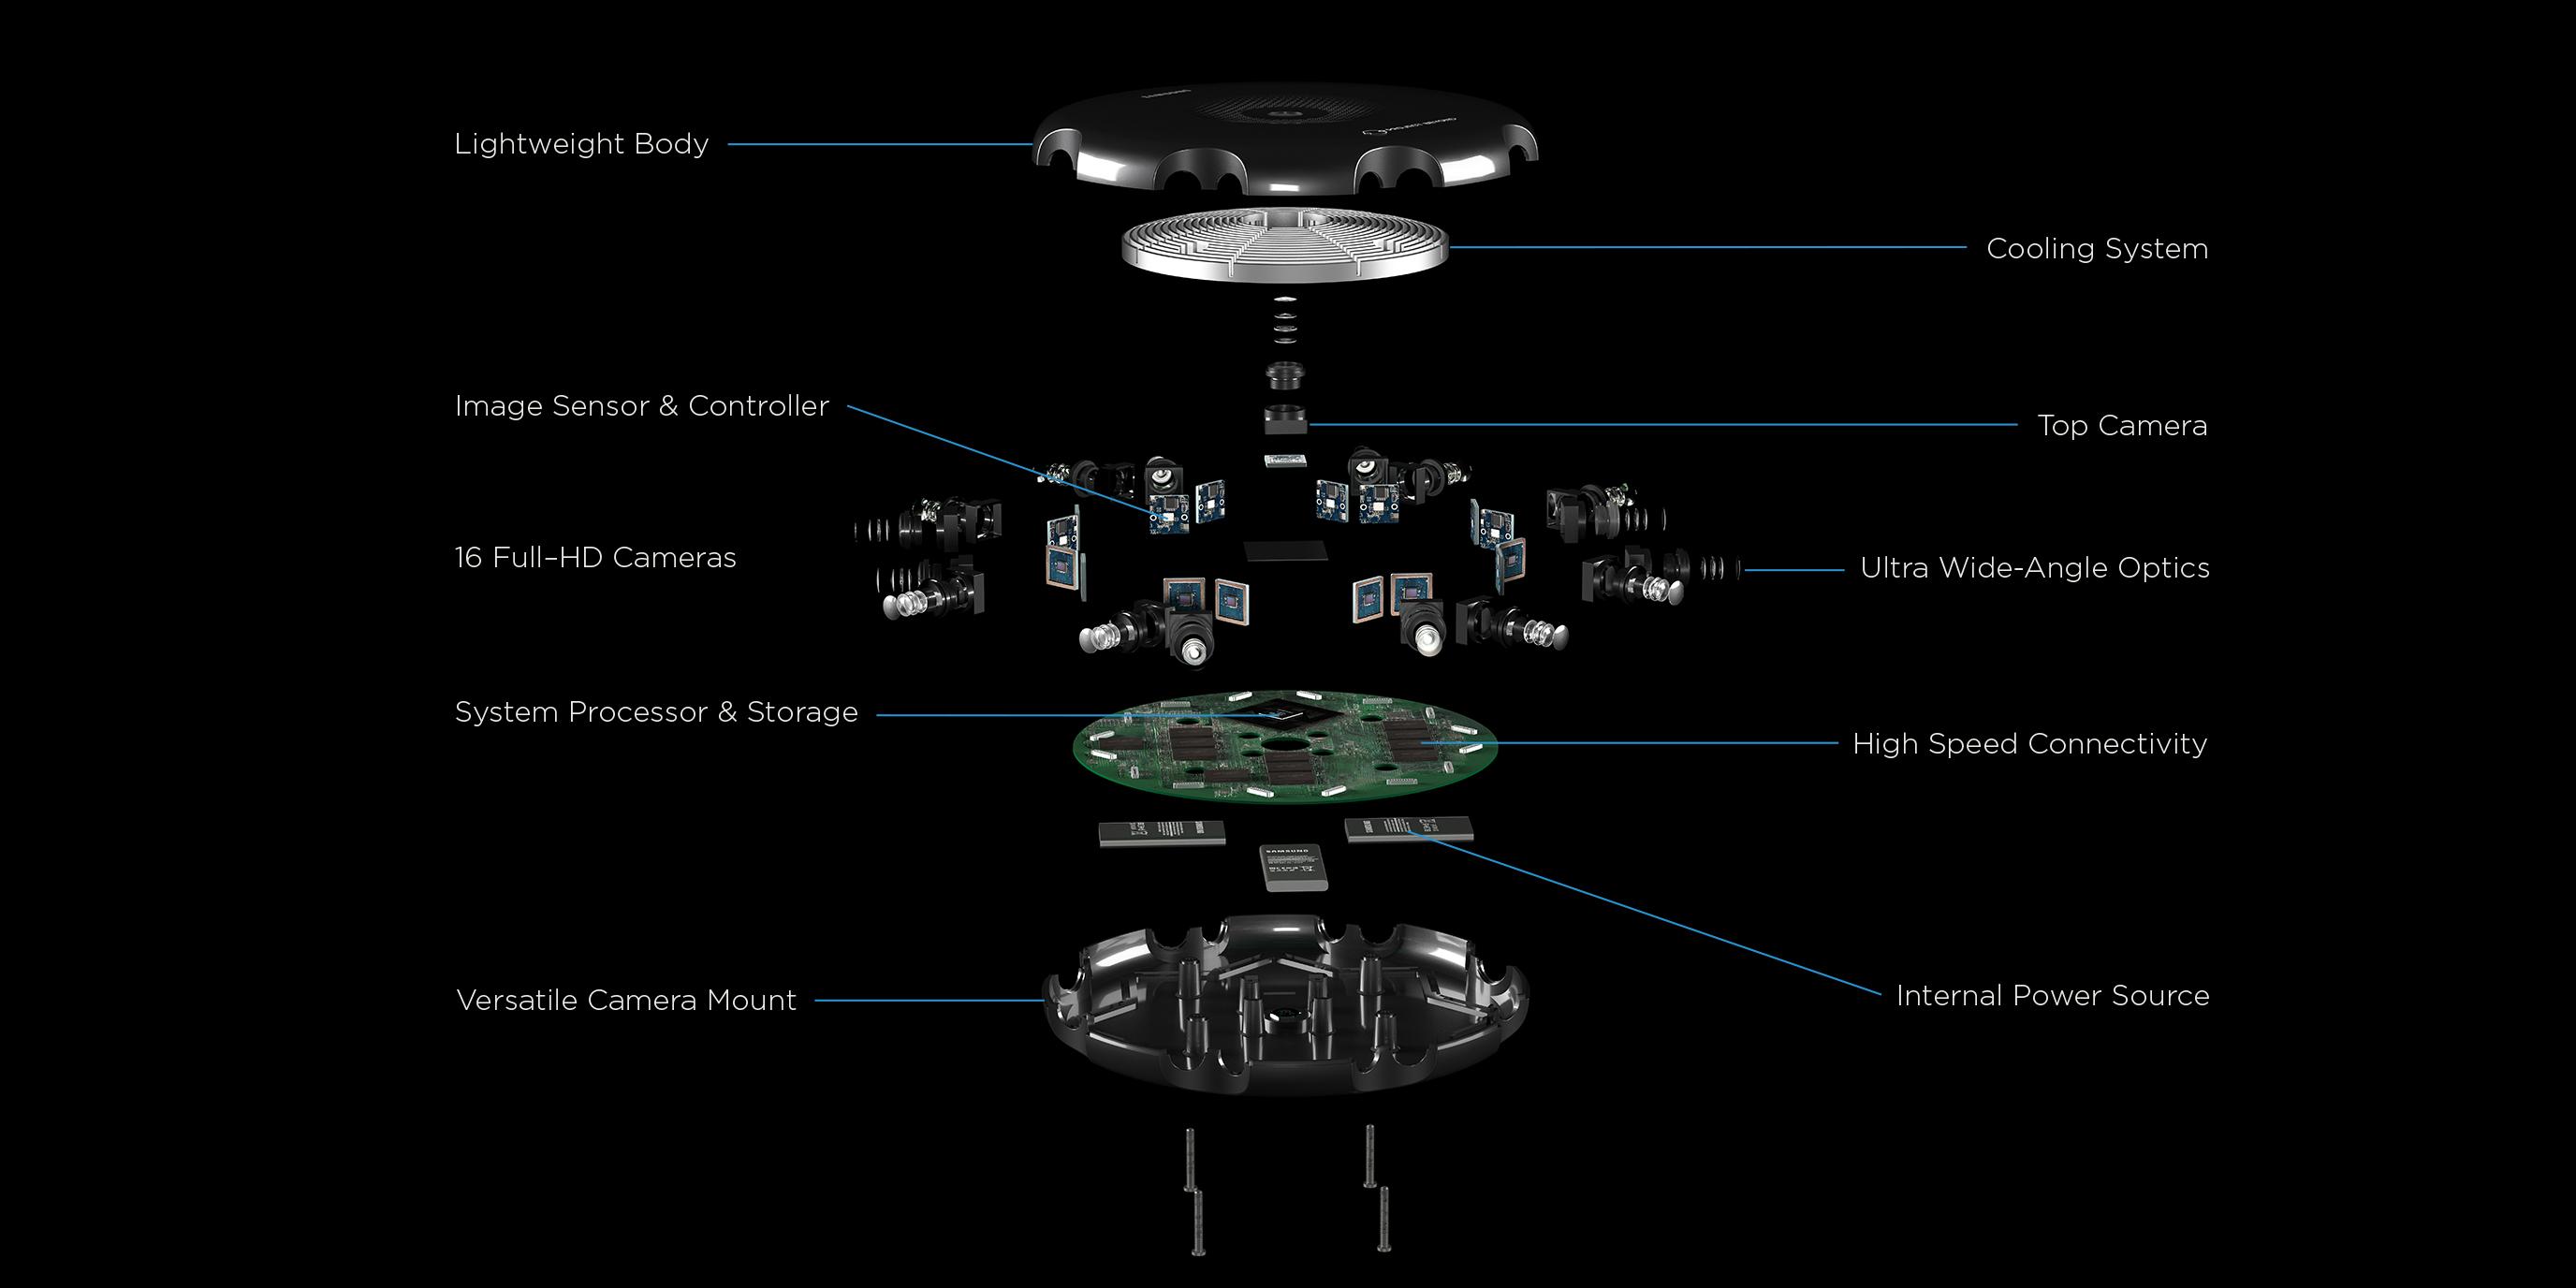 Project Beyond: Frisbee-Kamera für Samsungs Gear VR - Samsung Project Beyond (Bild: Samsung)